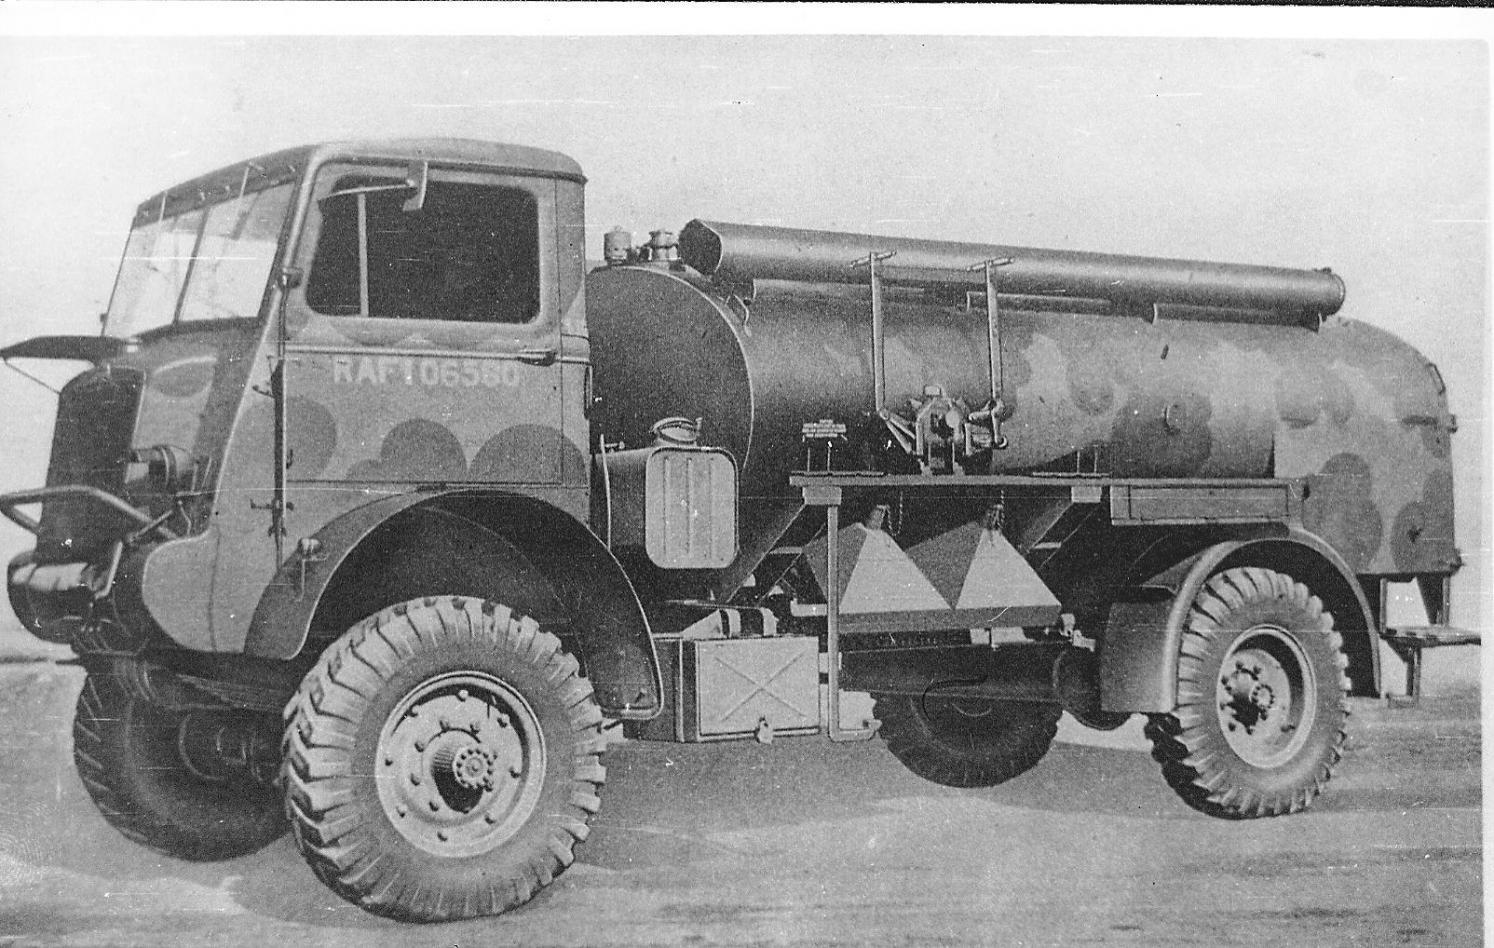 001 - QL Petrol Tanker.jpg